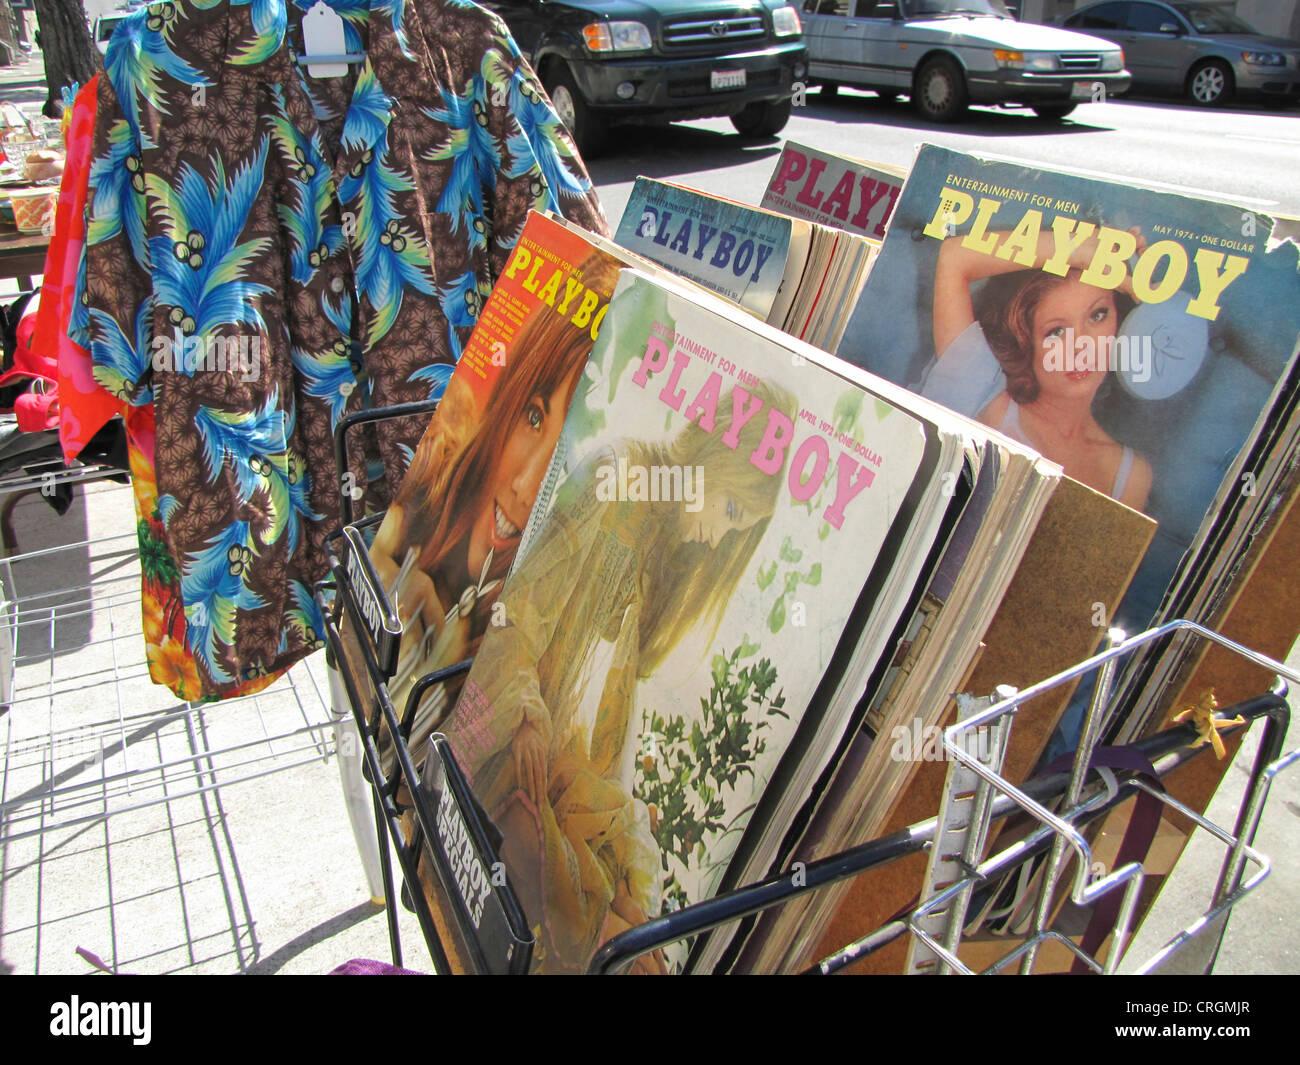 Vecchie questioni antiquario della rivista Playboy degli anni settanta su un mercato delle pulci, Stati Uniti, California, Immagini Stock